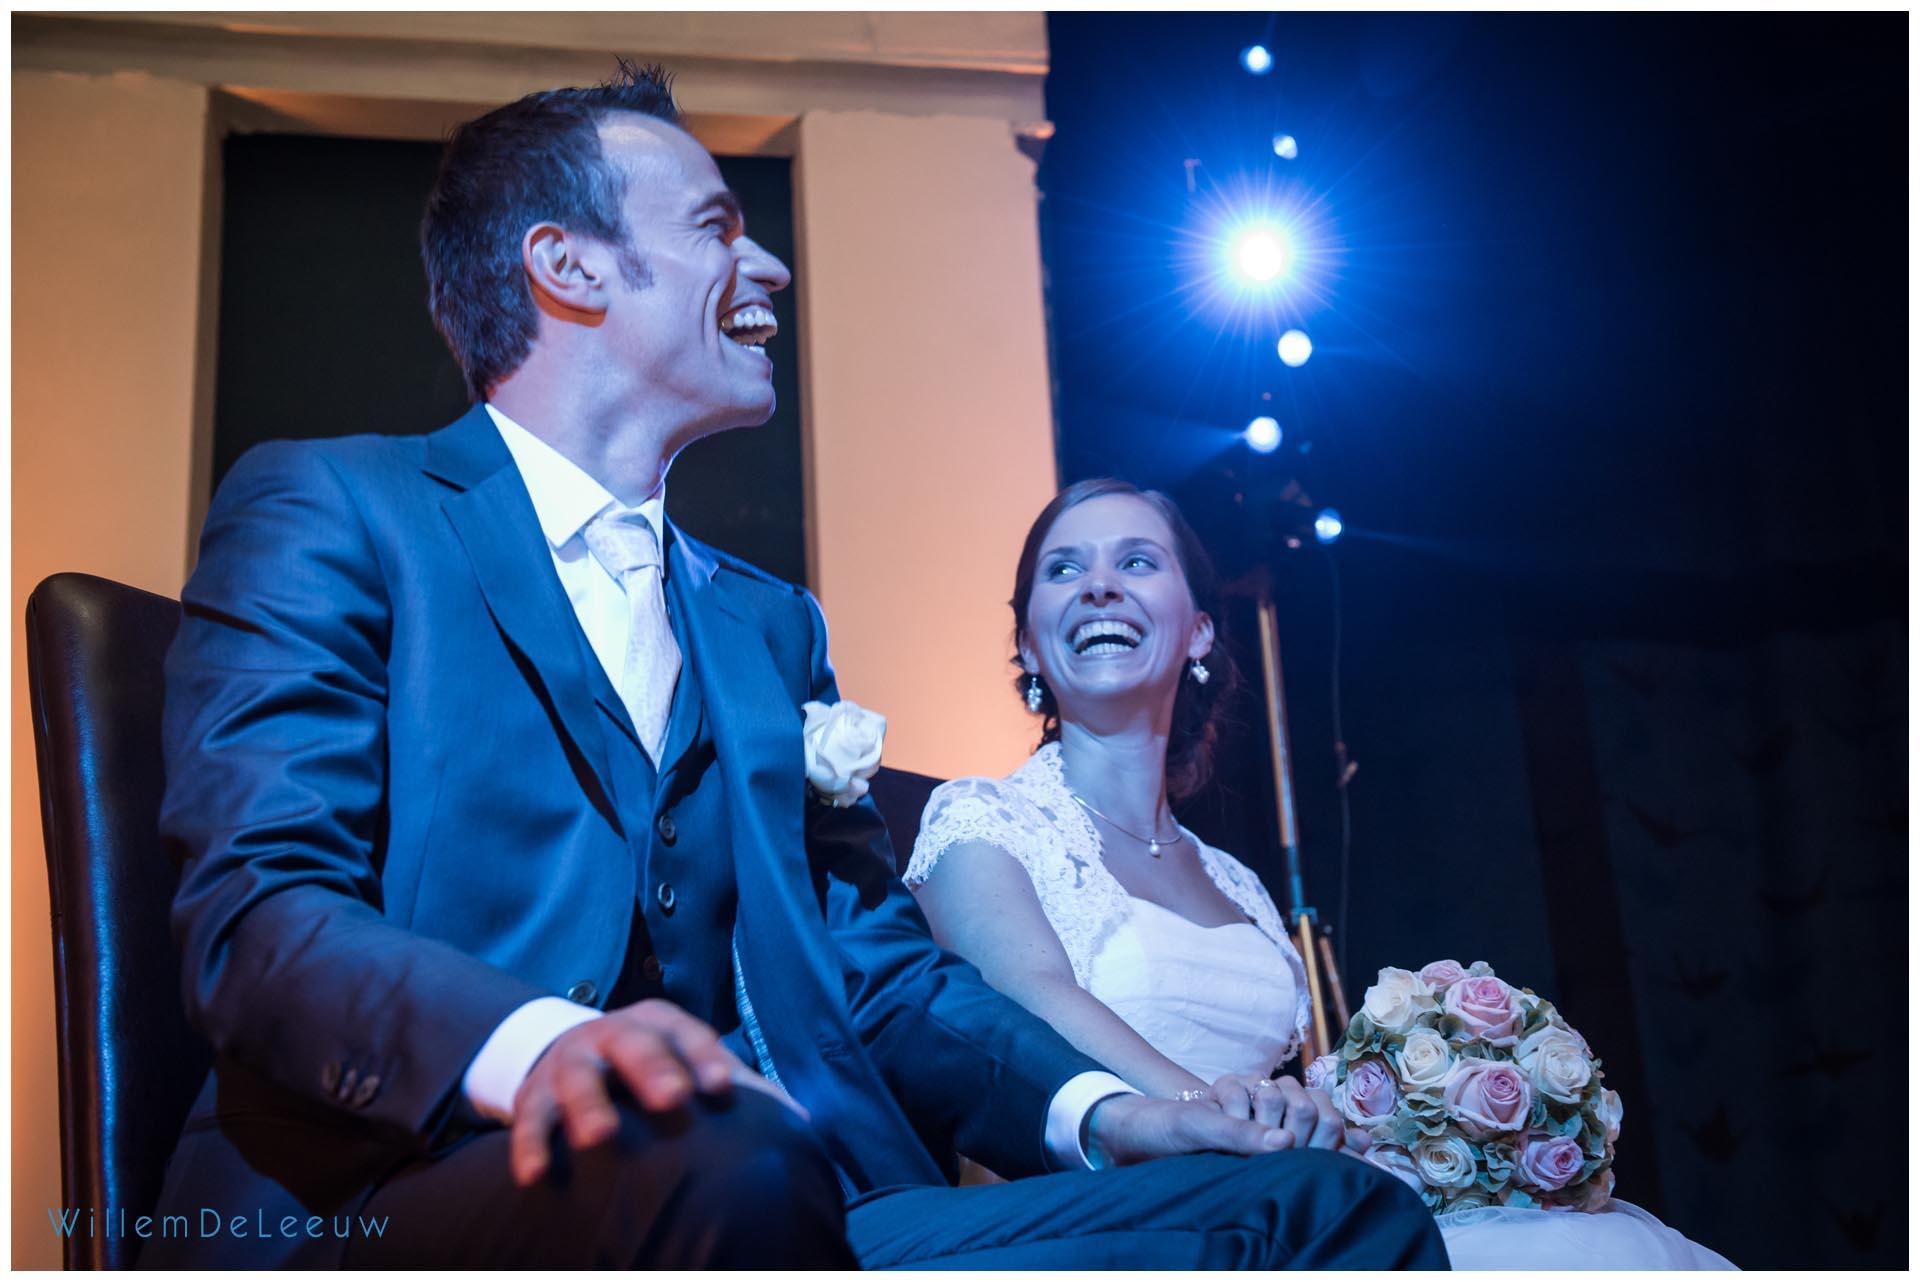 huwelijksreportage zoals het is Willem De Leeuw